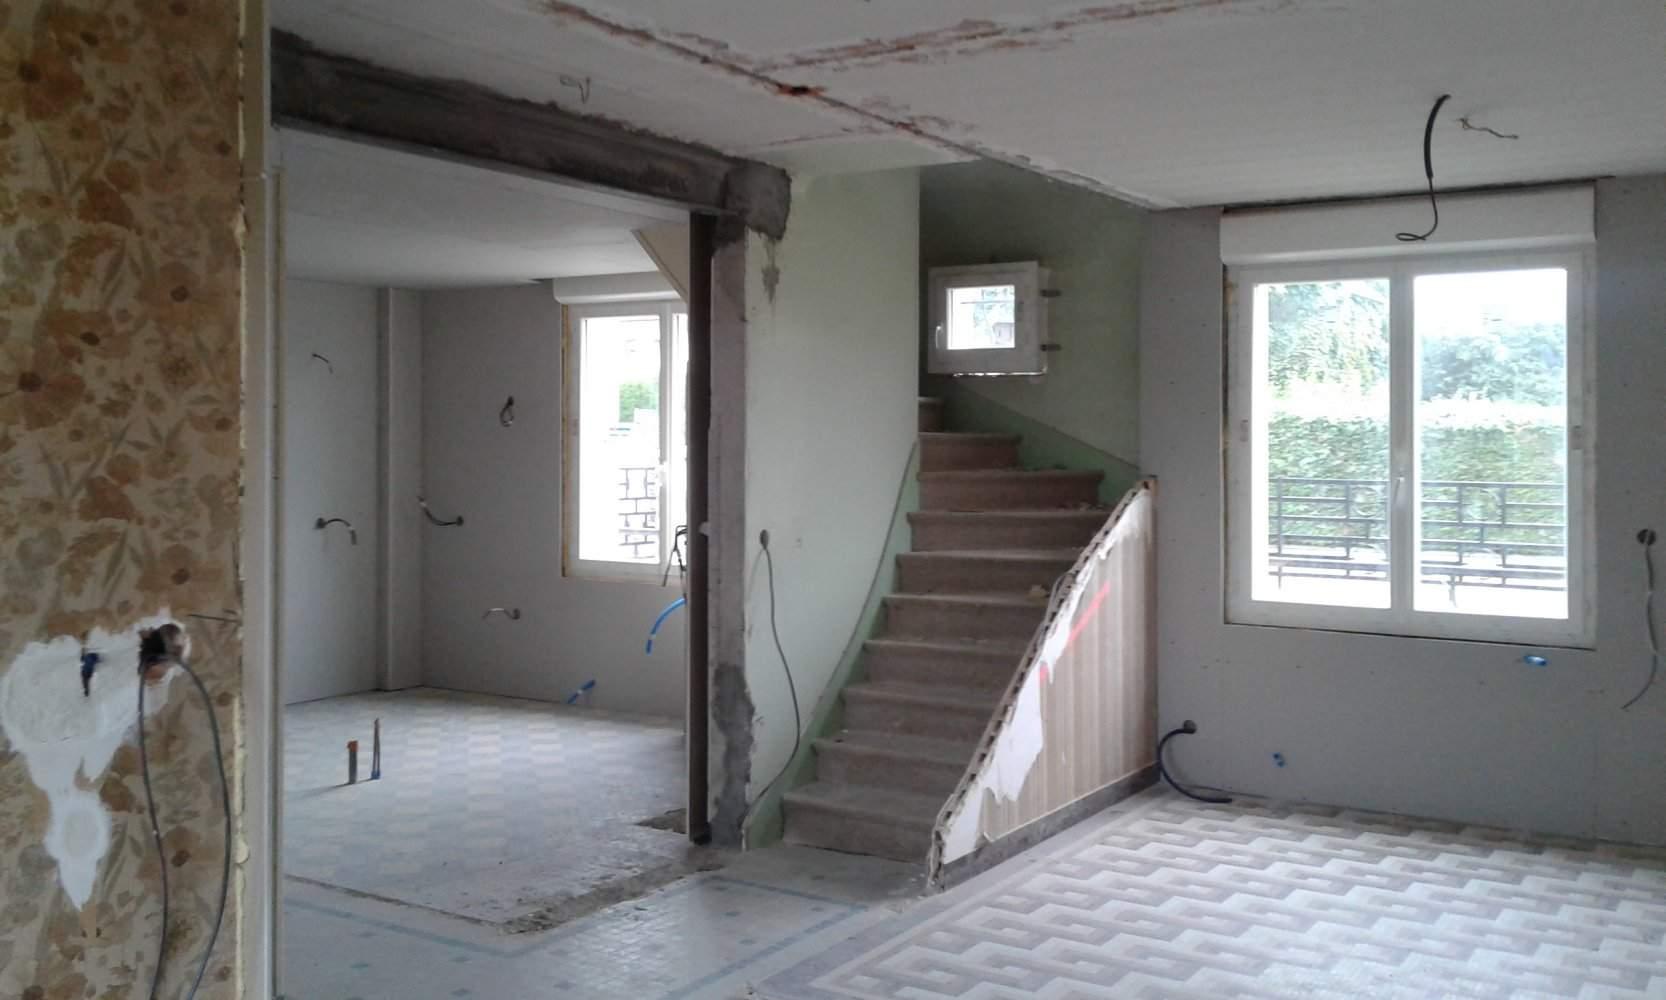 cout rénovation intérieure L'Isle-Adam